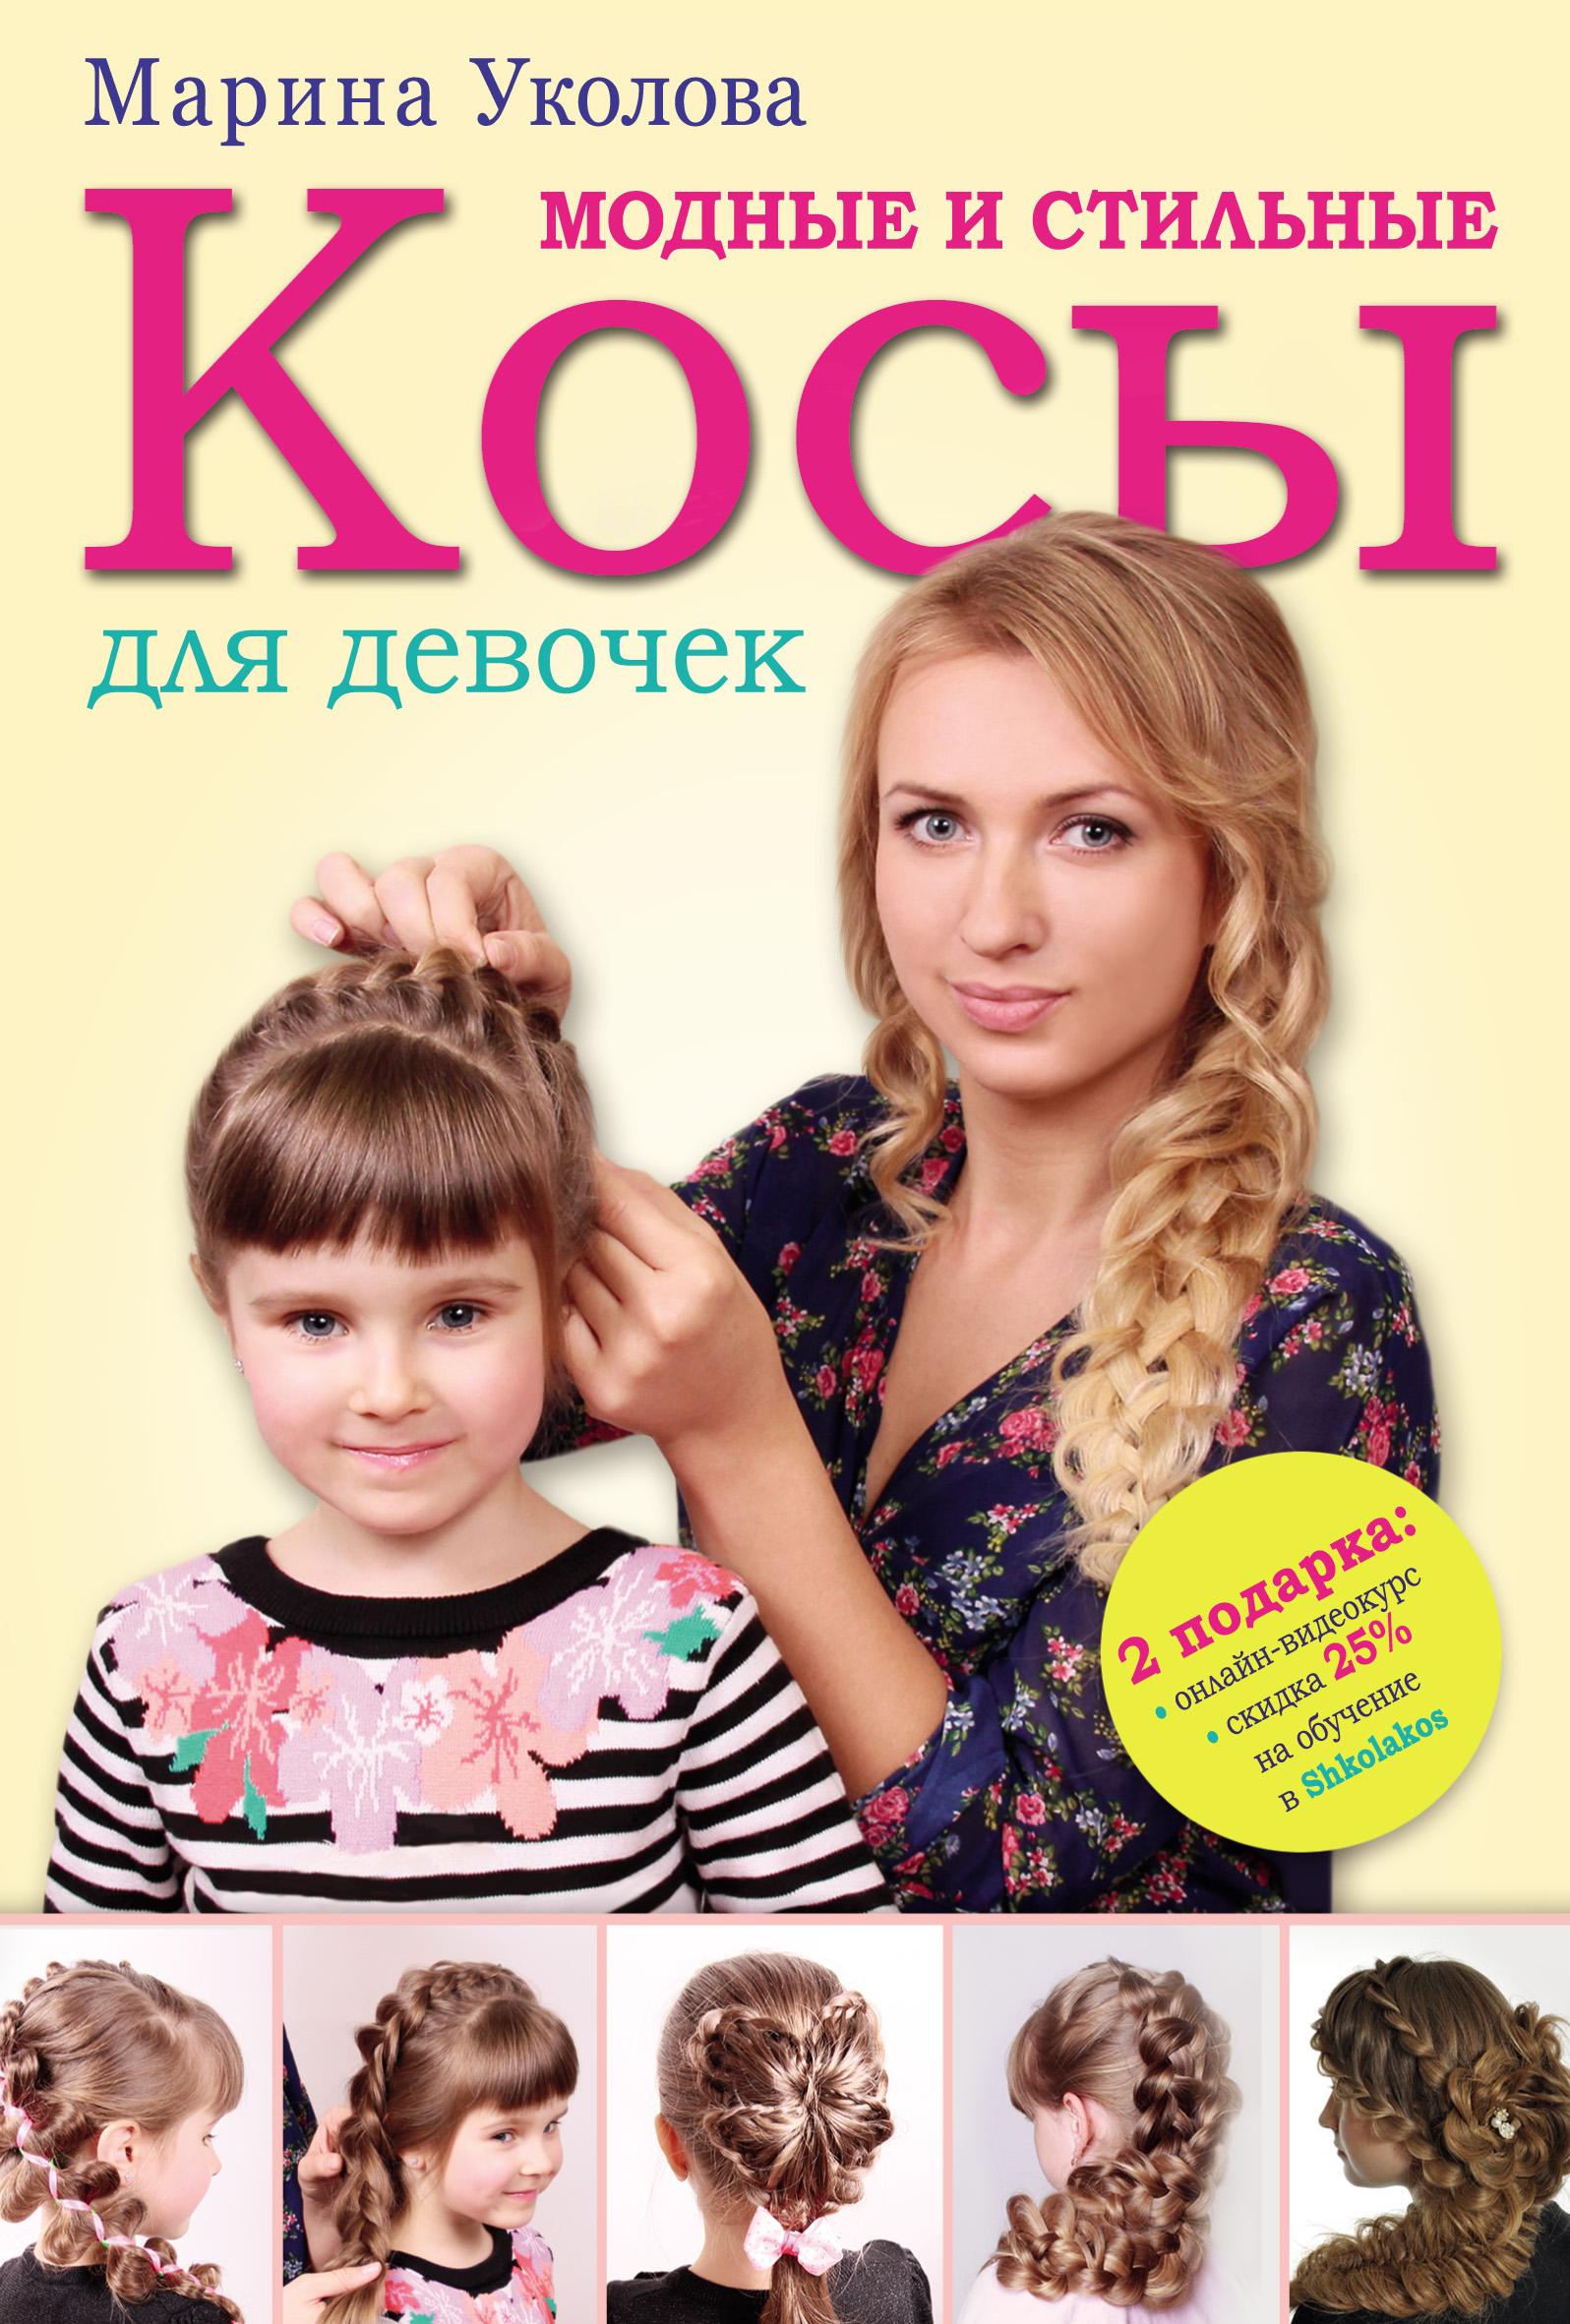 Марина Уколова Модные и стильные косы для девочек аниашвили к губина в елиссеева а и др как это сделать 555 самоучителей для девочек